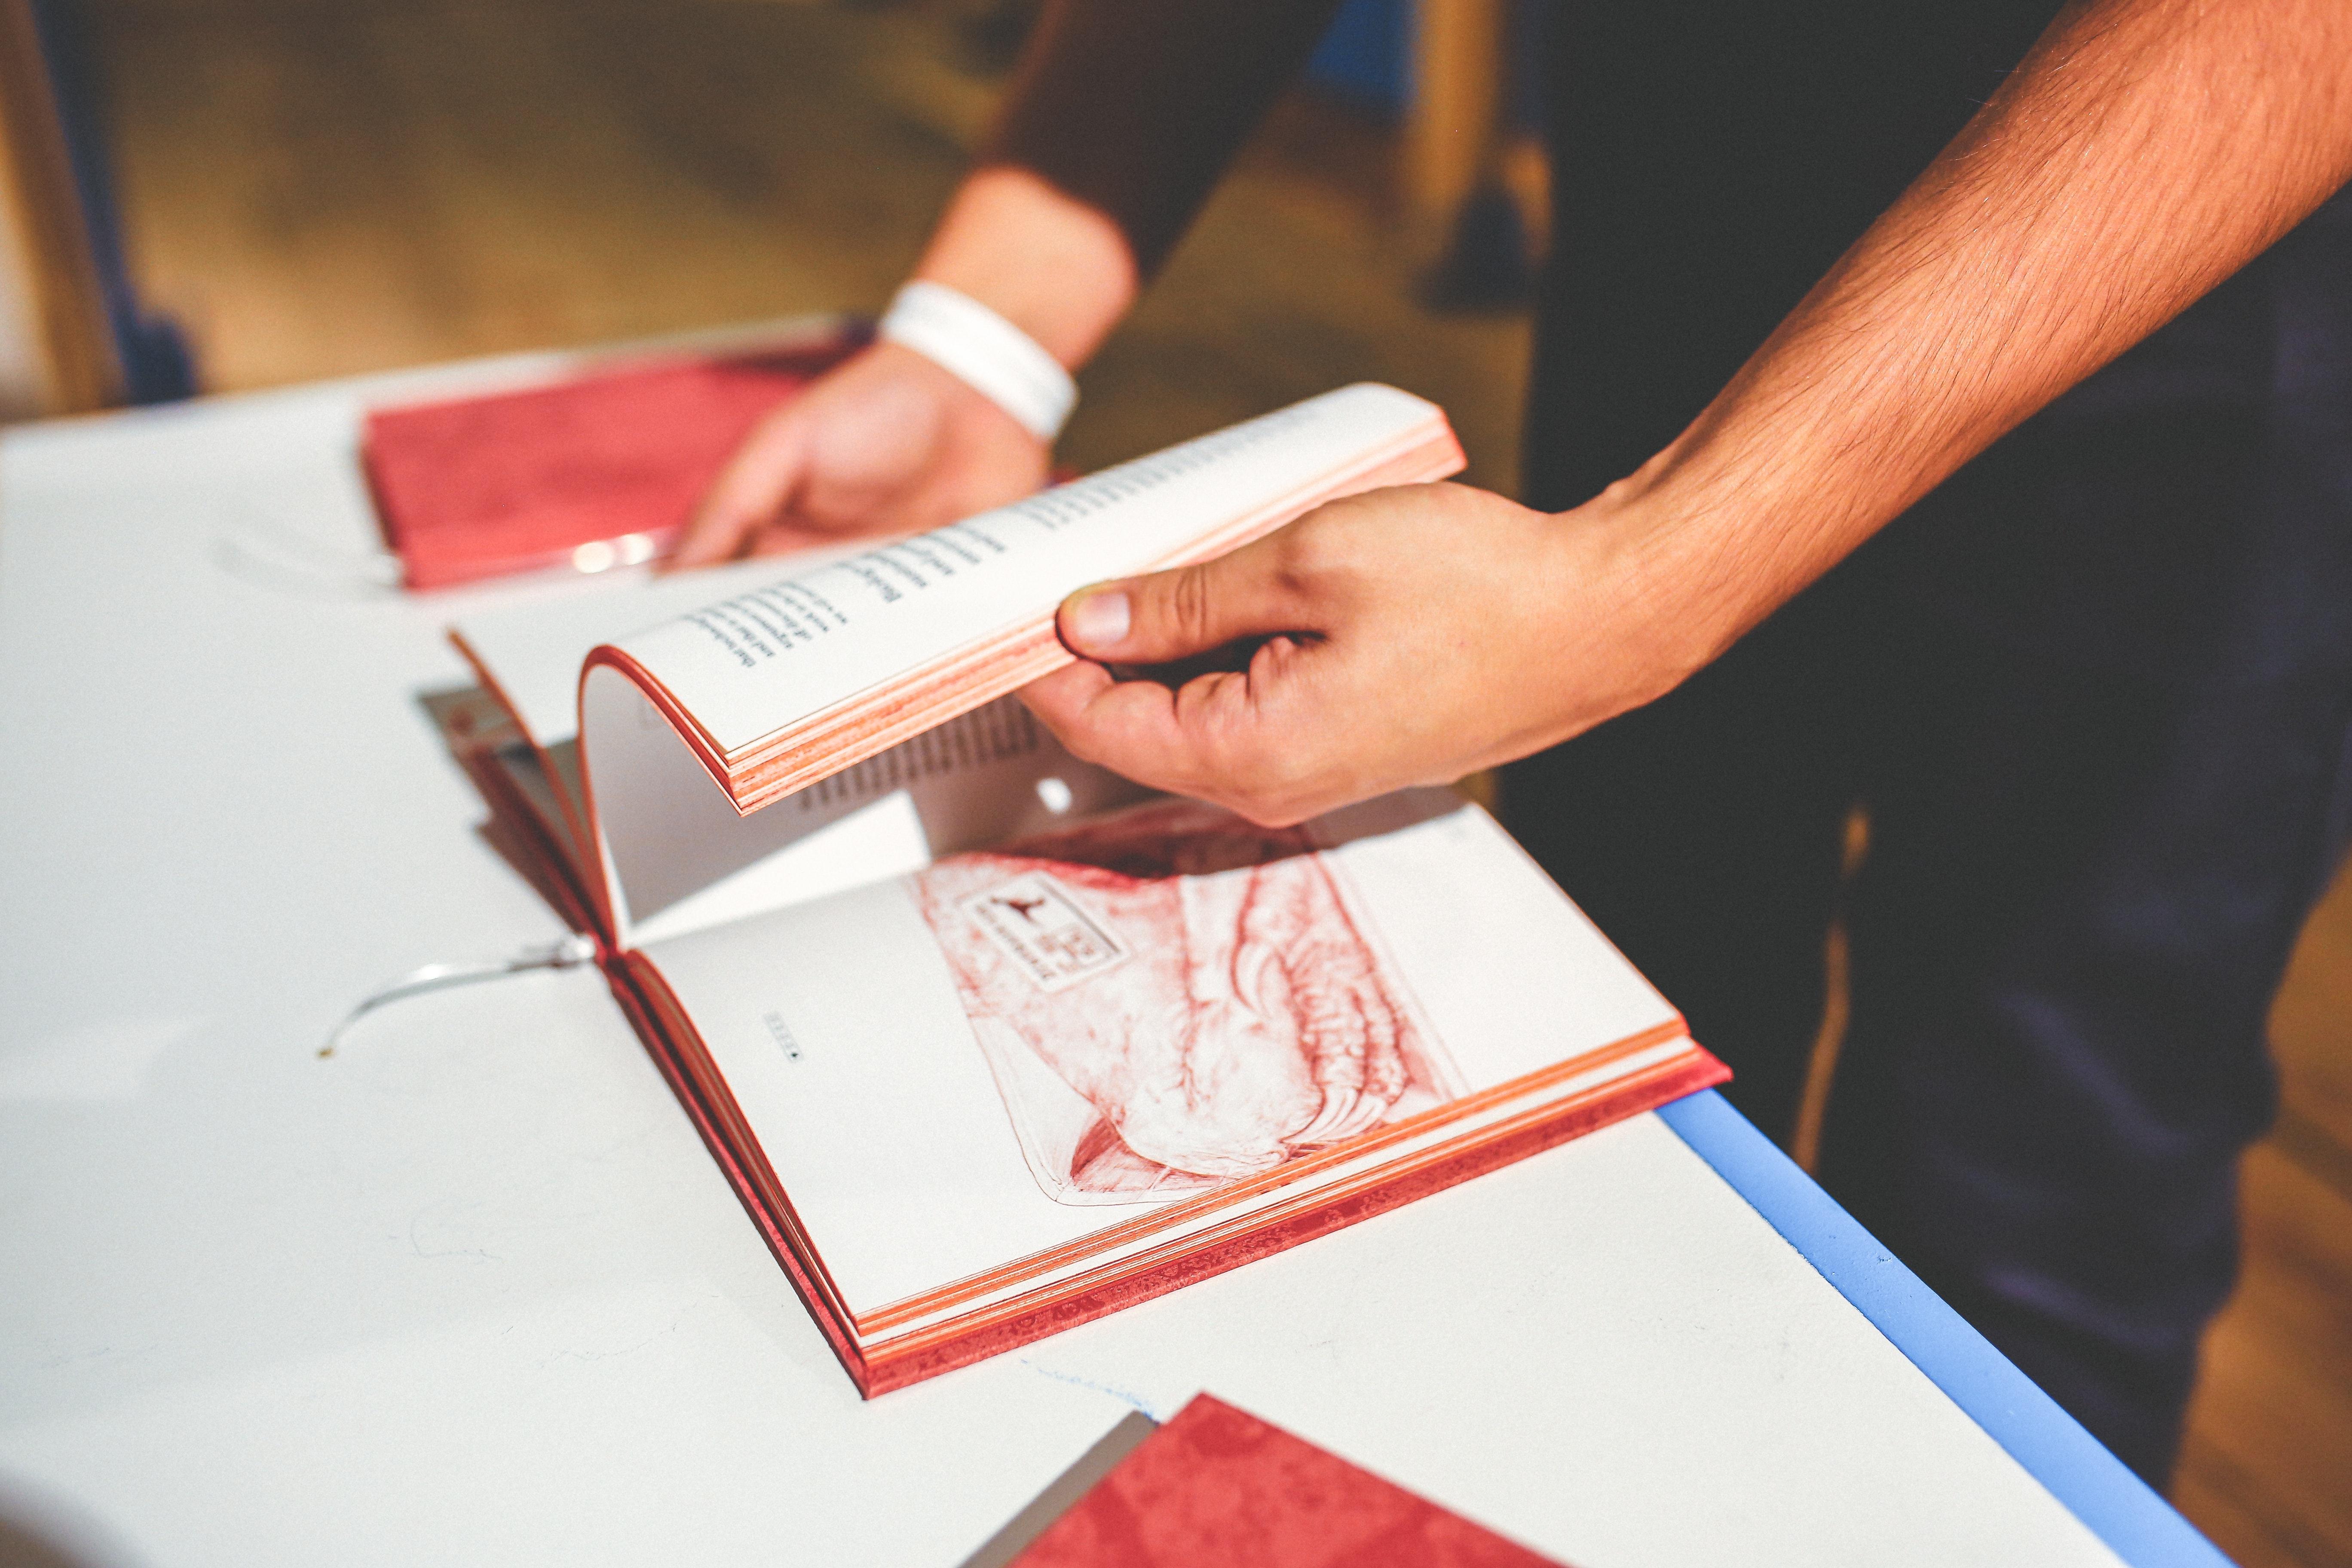 Book in men's hands photo